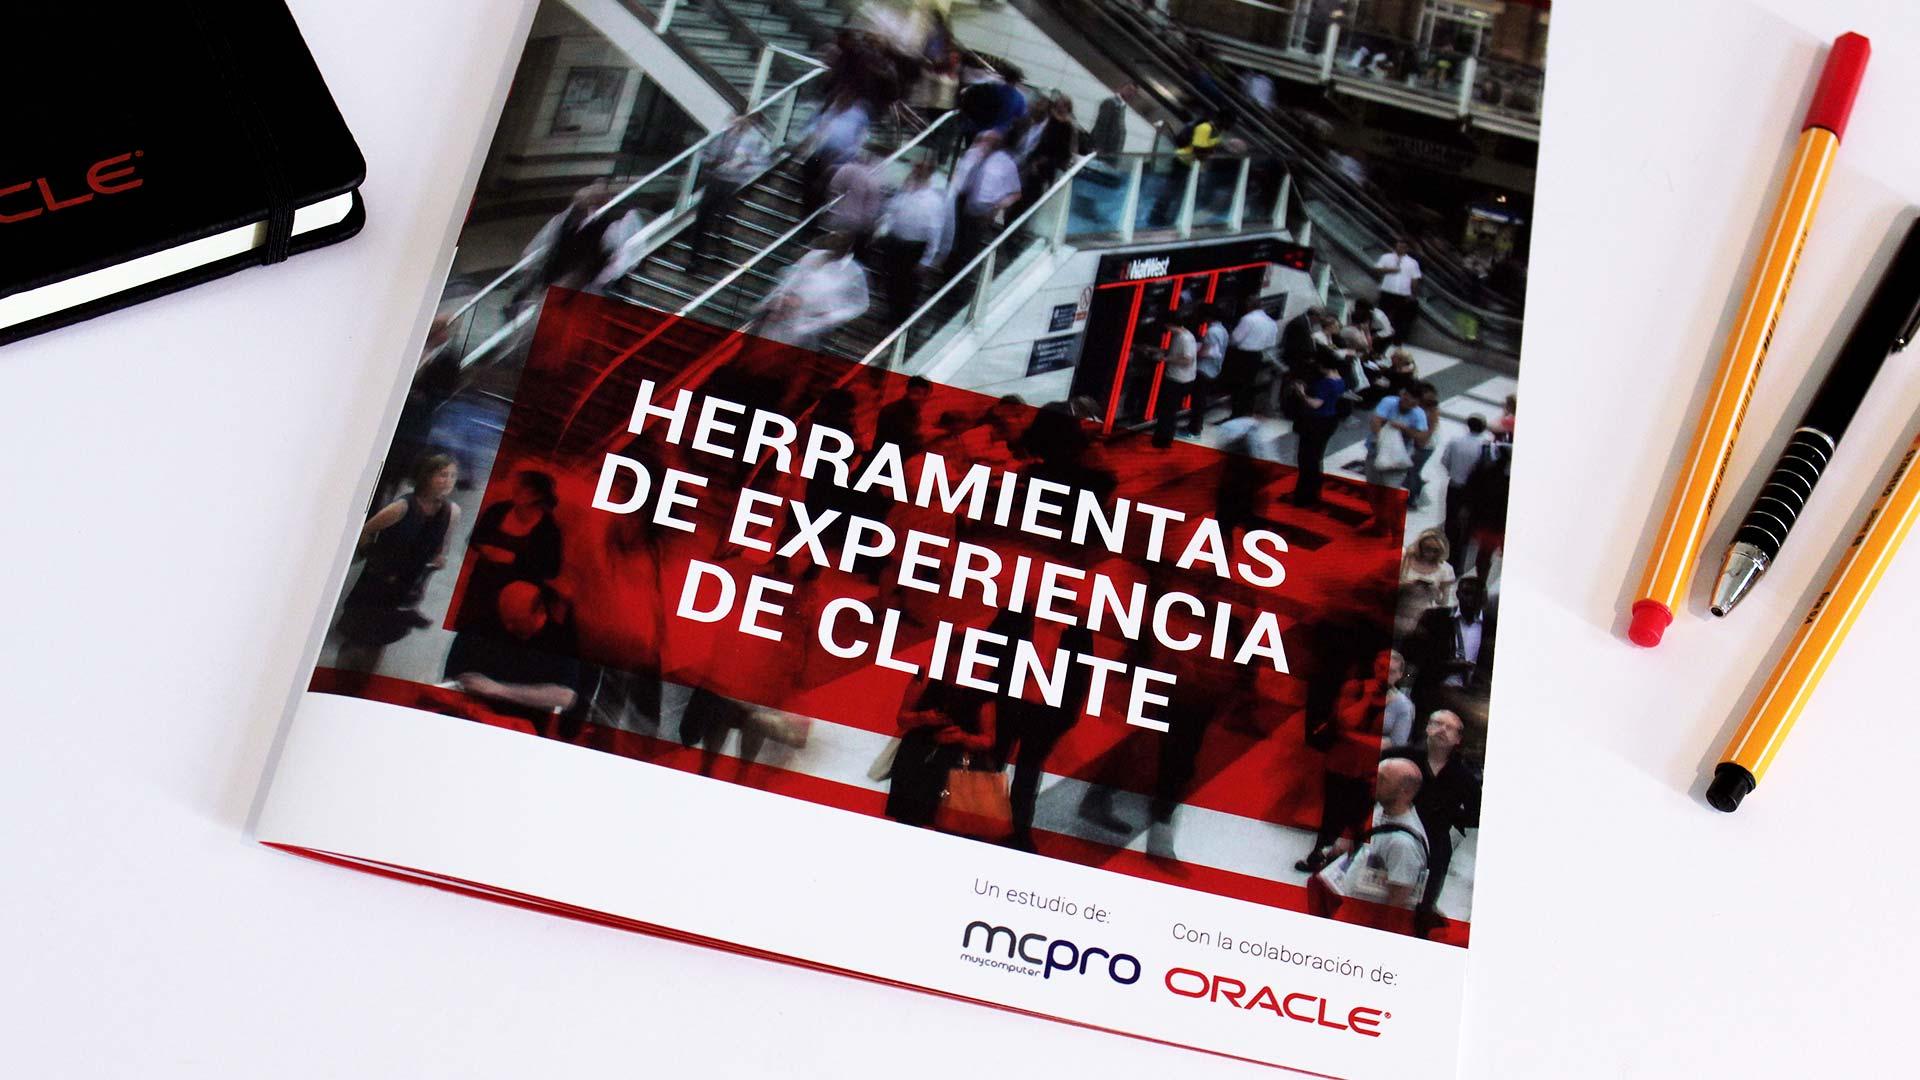 oracle-informe-ebook-content-marketing-evento-herramientas-experiencia-clienye-2016-08